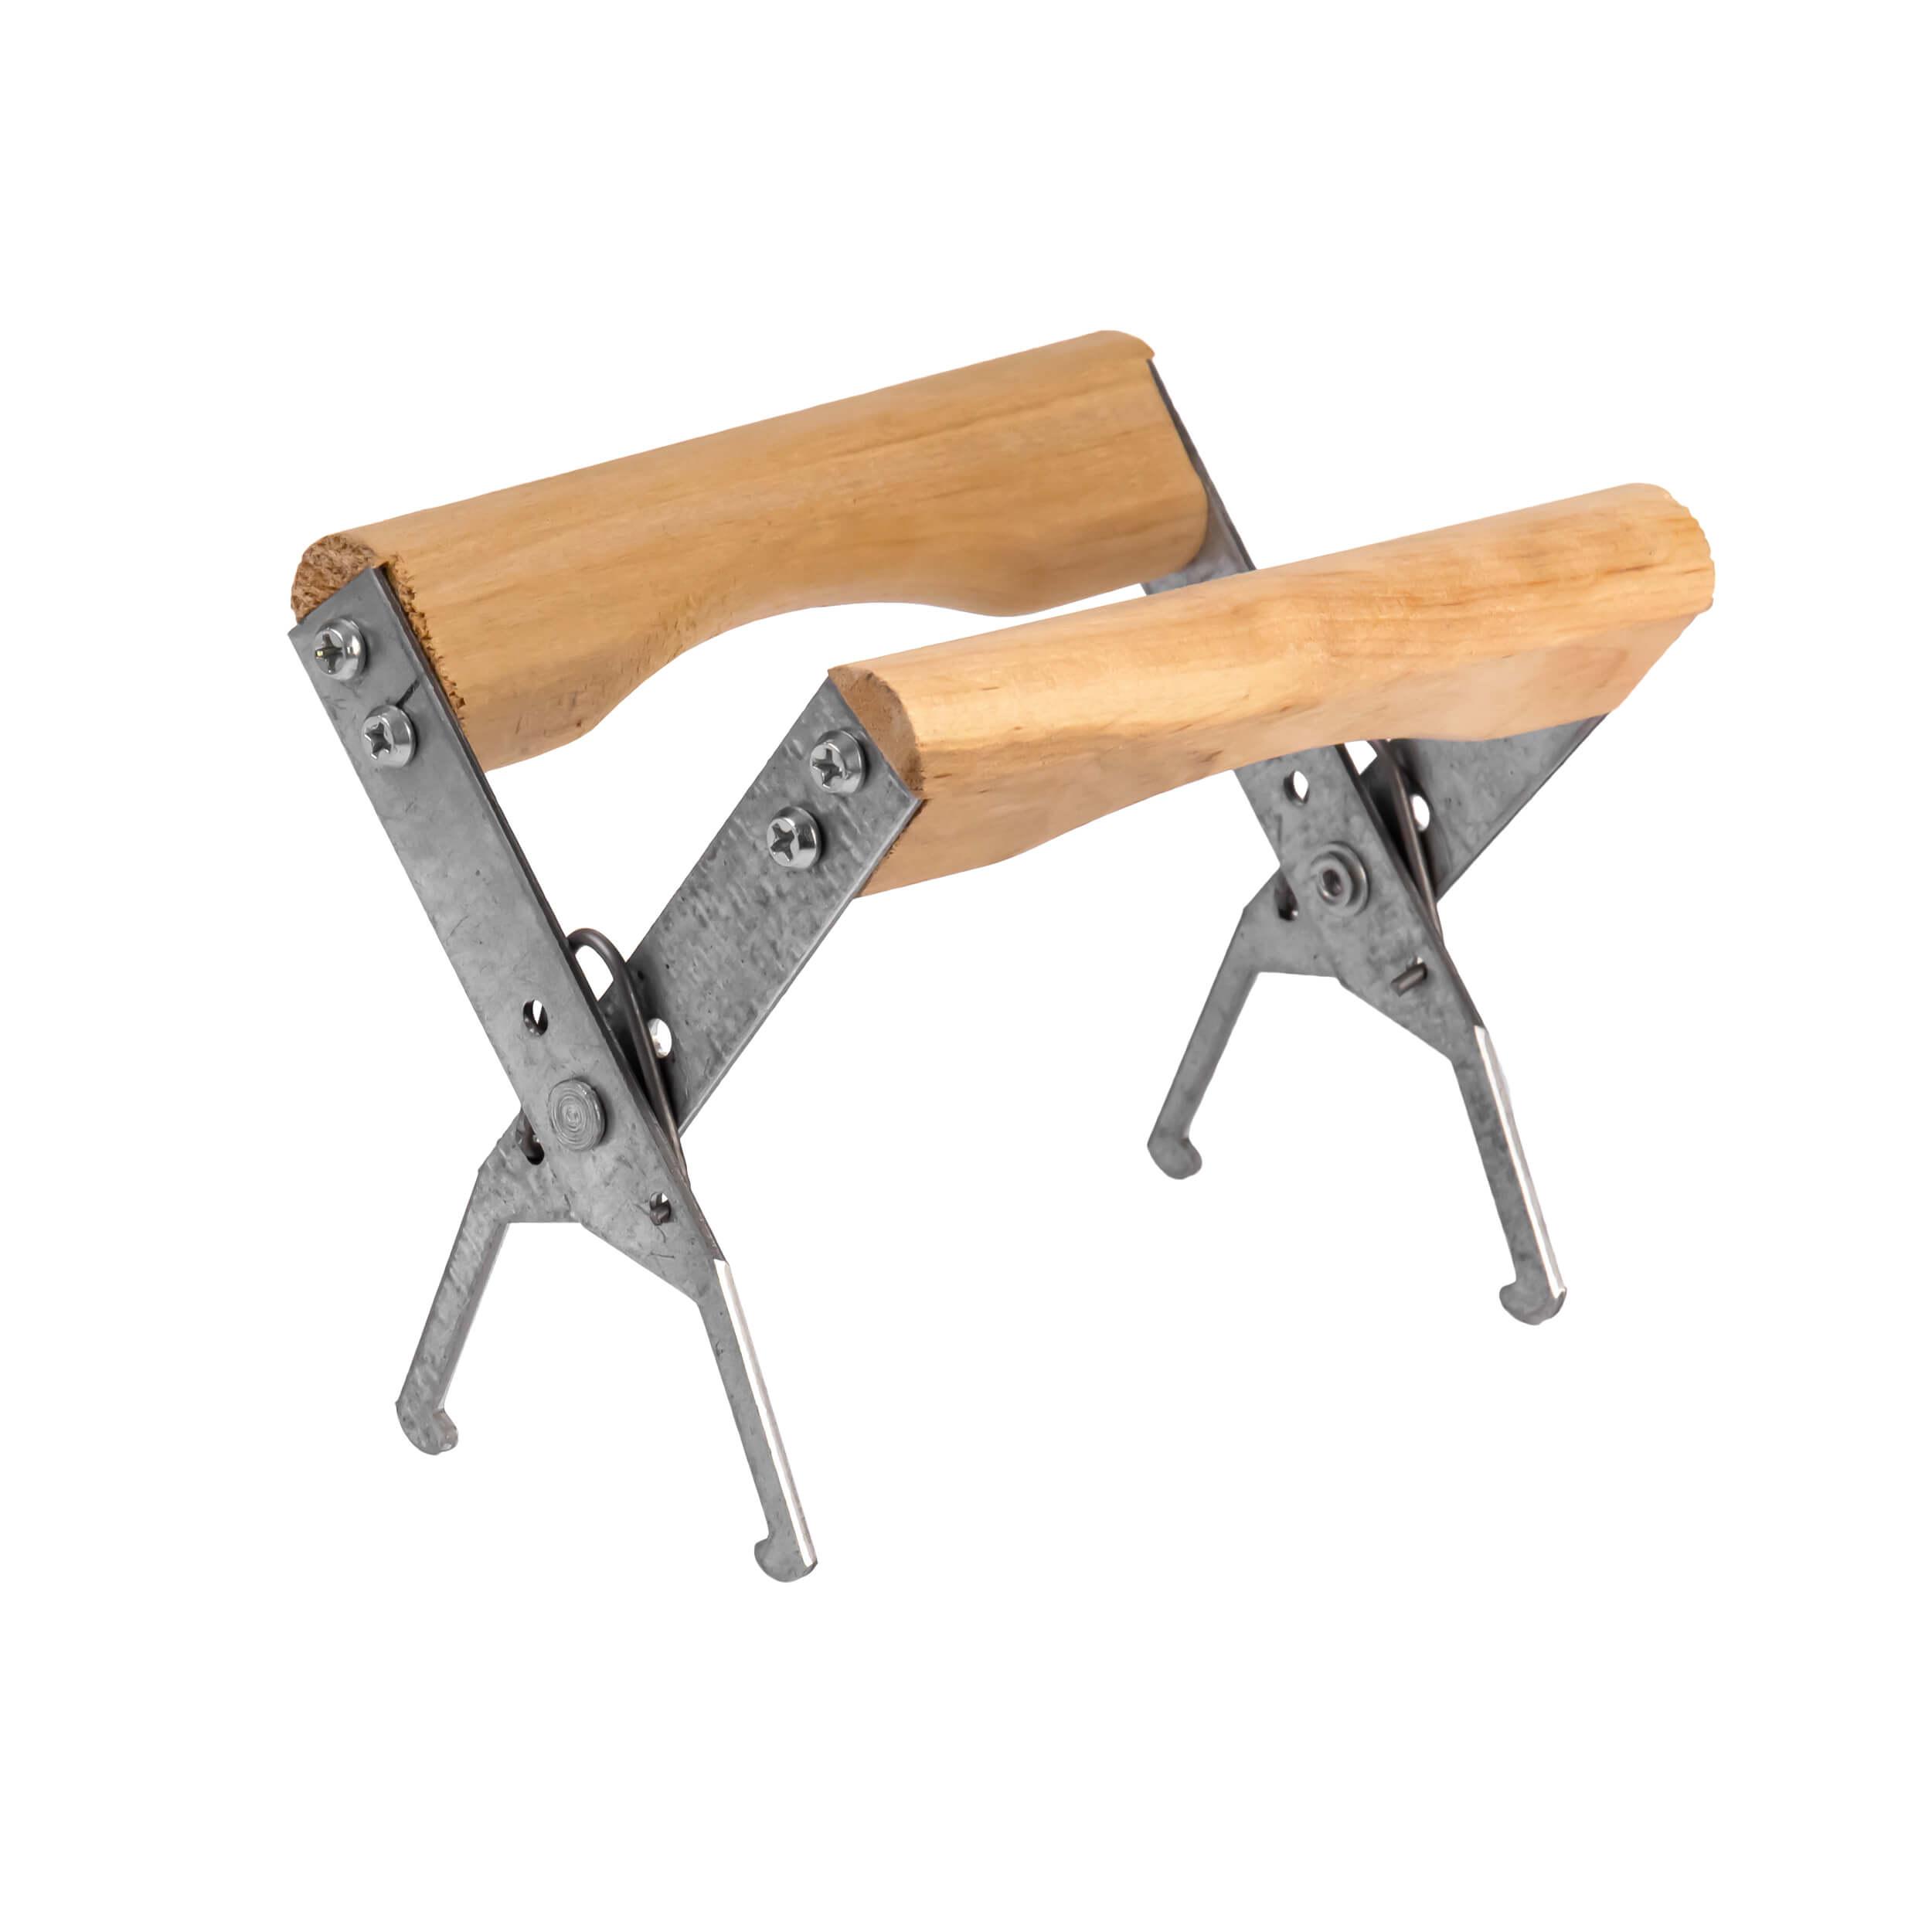 Захват для рамок с деревянными ручками фото